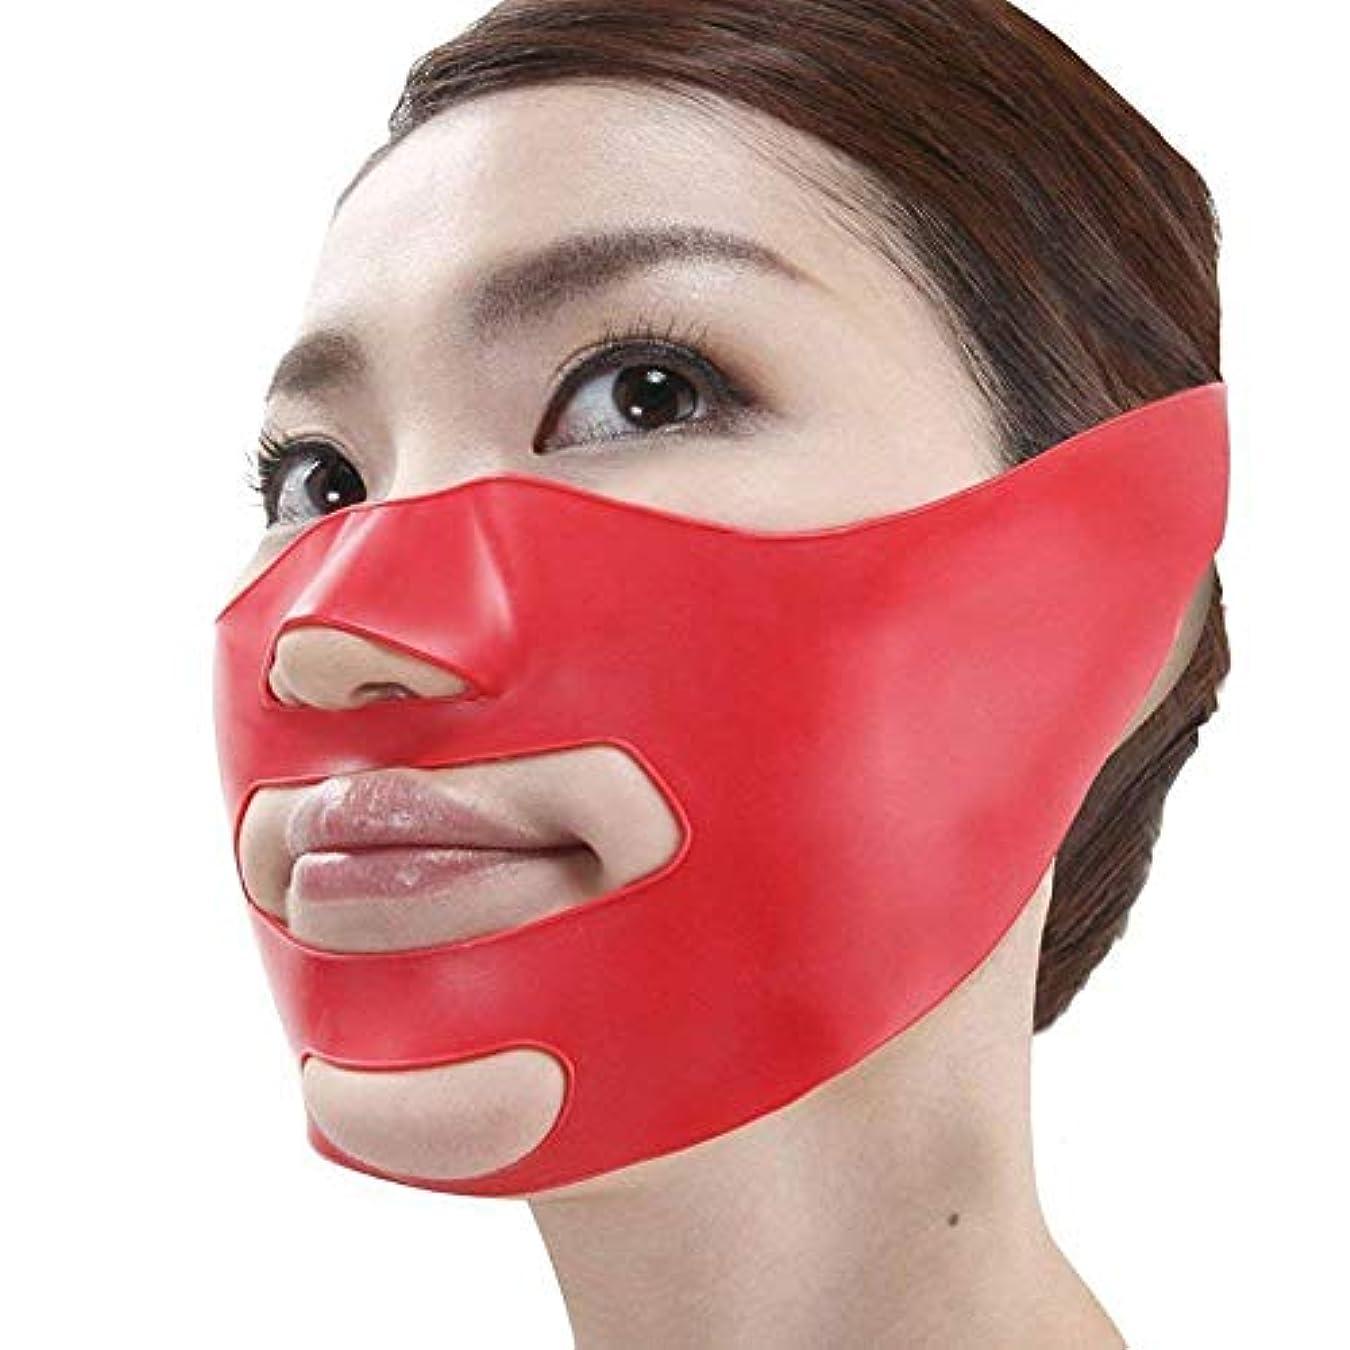 アシスト高い可決小顔矯正 マスク 小顔補正ベルト ほうれい線 リフトスリムマスク 3Dエクササイズマスク 法令線予防 抗シワ サウナマスク 美容グッ (フリーサイズ)